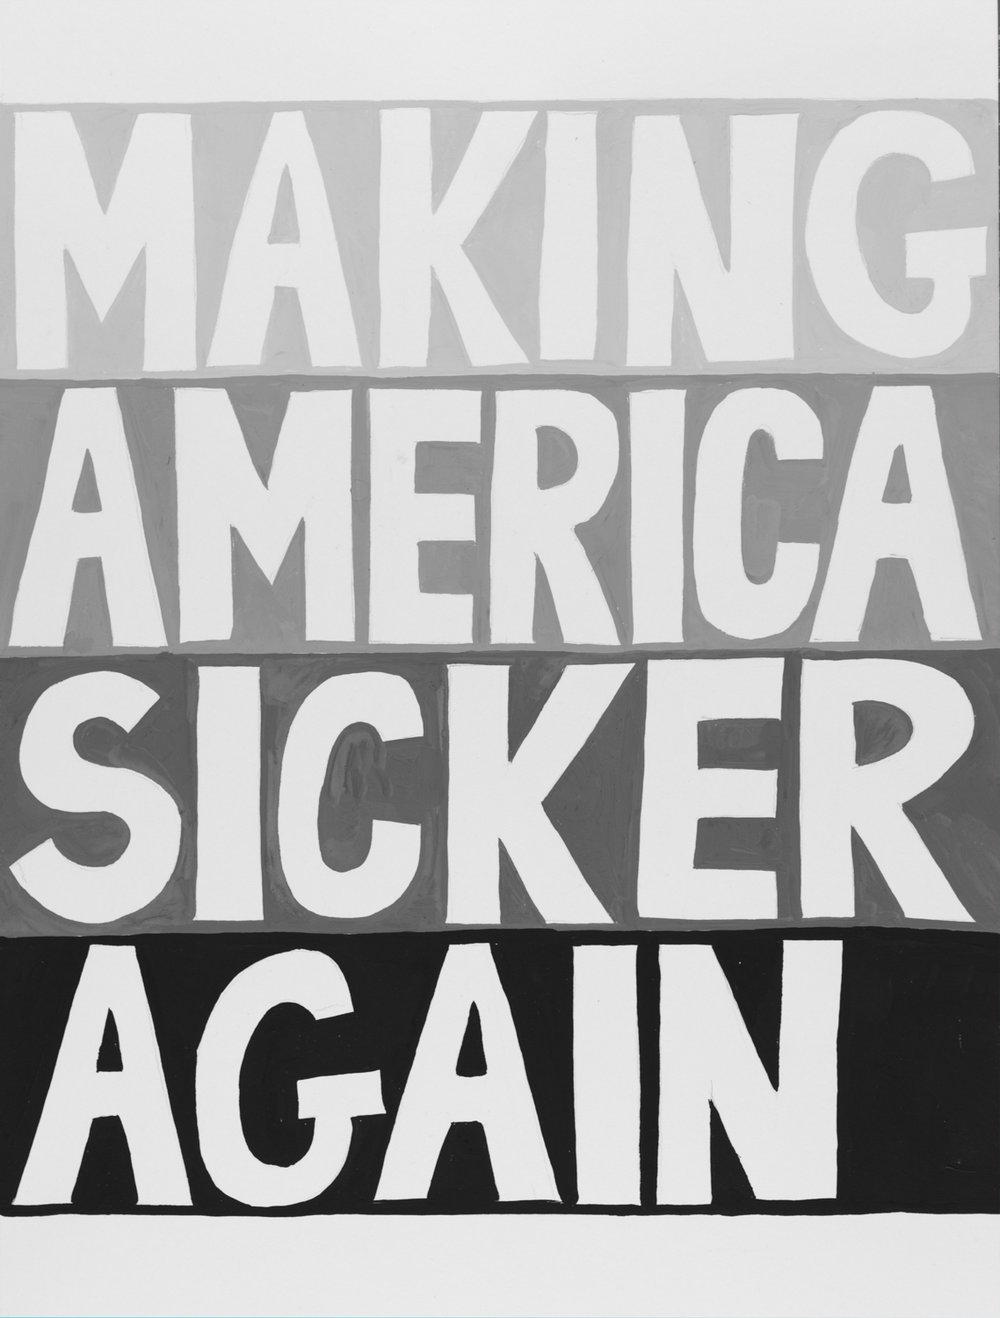 makingamericasickeragain.jpg